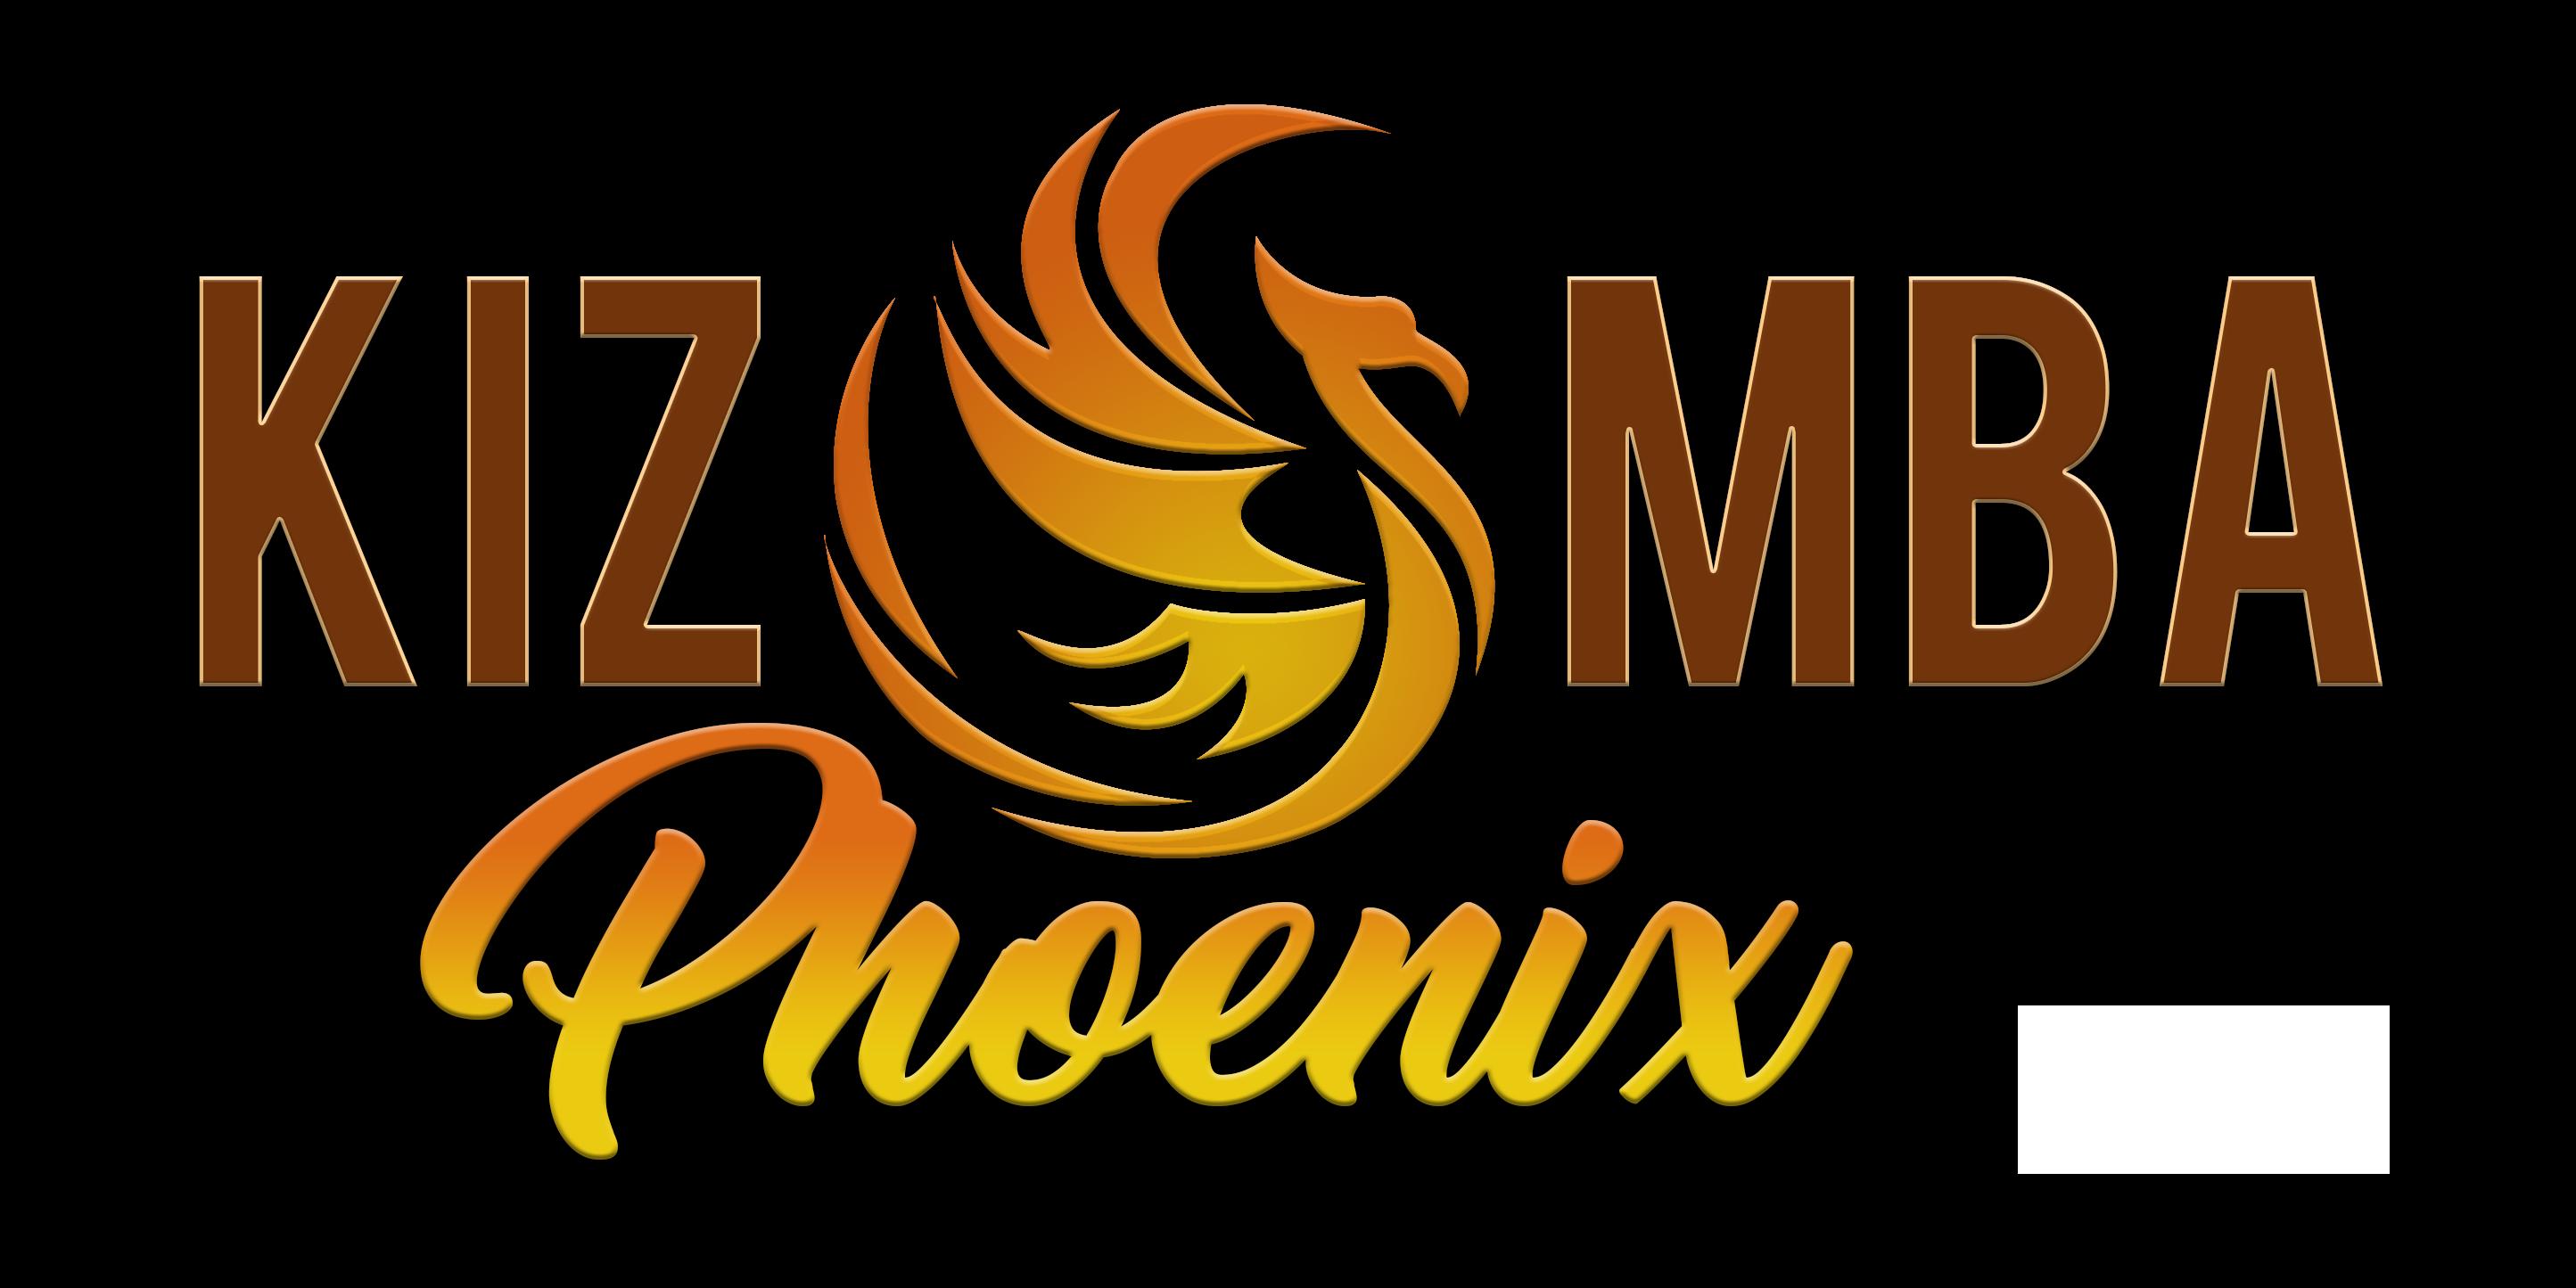 Kizomba Phoenix Online Courses